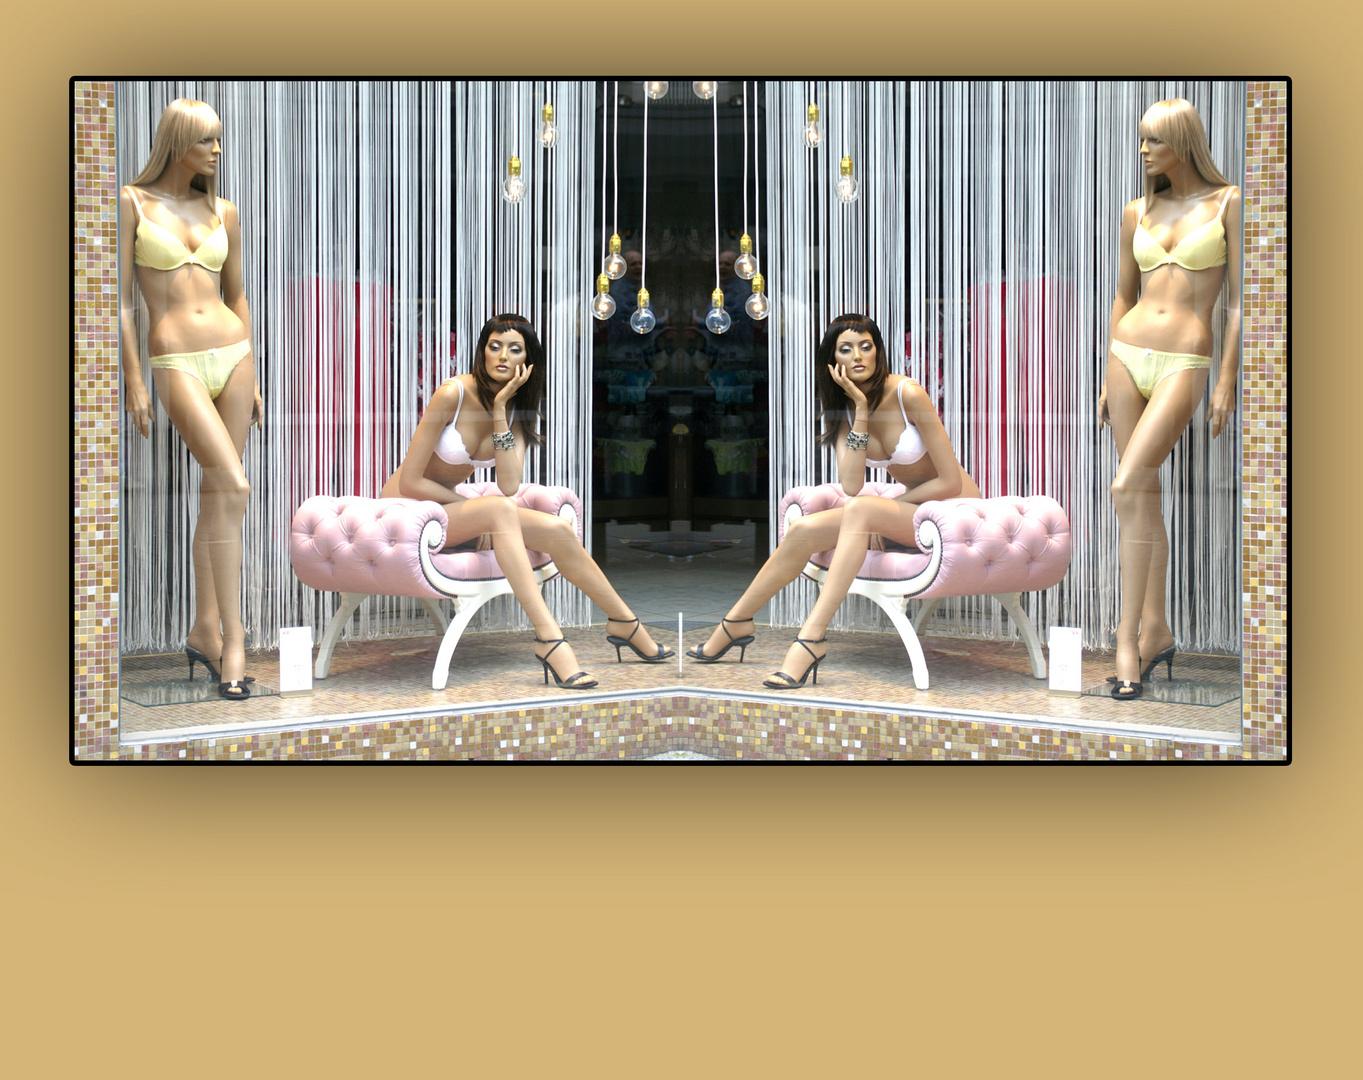 schau fenster spiegel foto bild fashion indoor frauen bilder auf fotocommunity. Black Bedroom Furniture Sets. Home Design Ideas